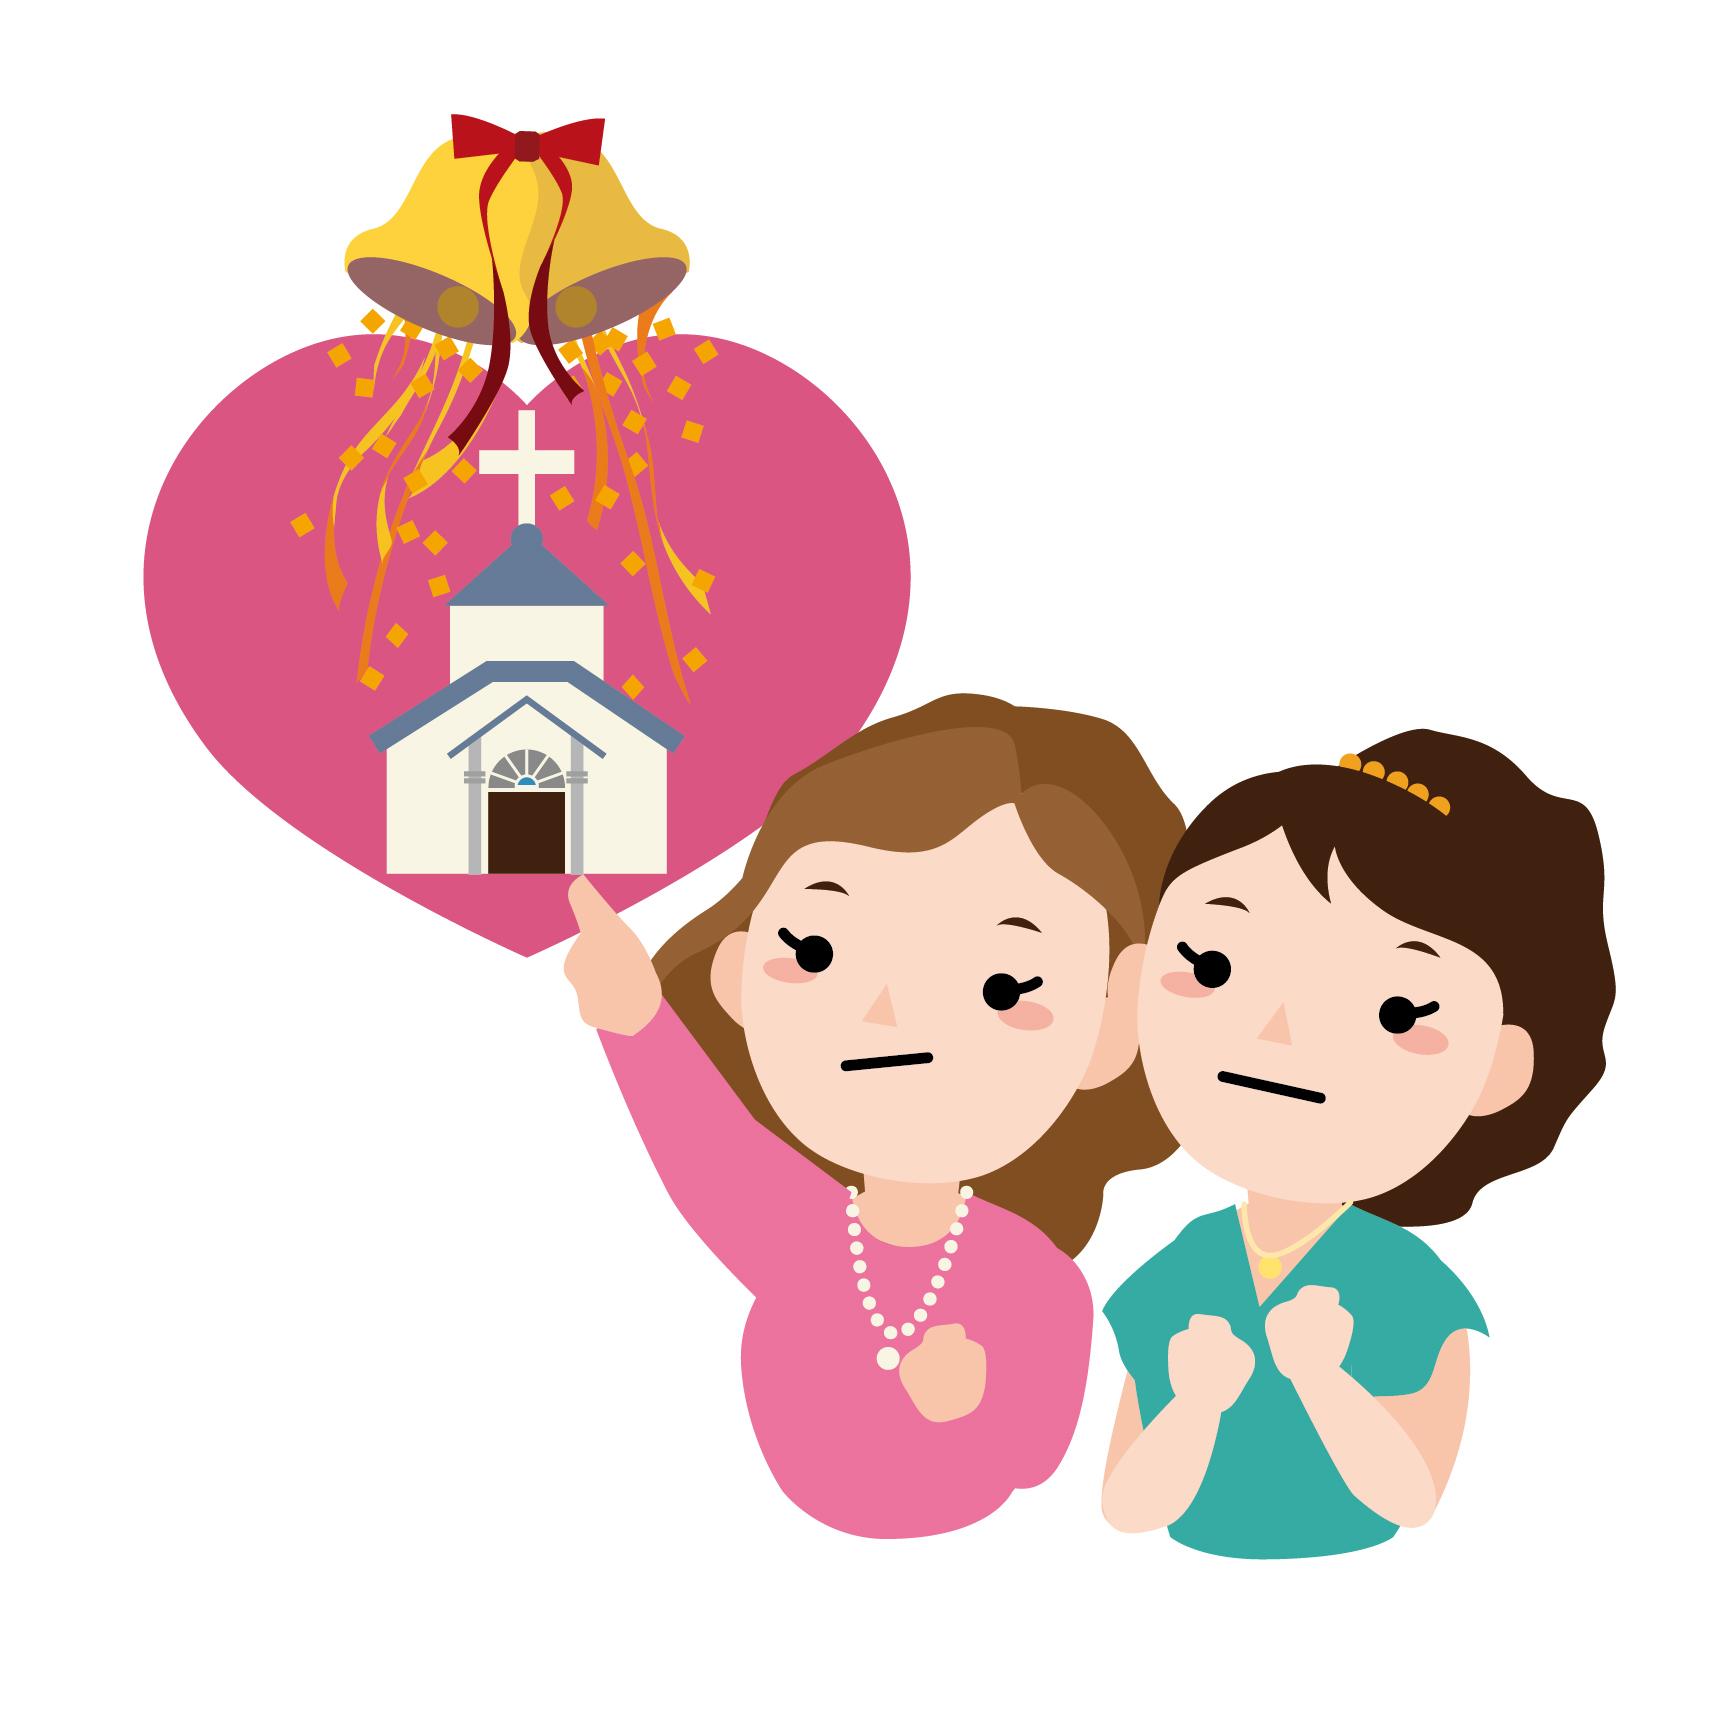 結婚式の会費は御祝儀袋に入れる?書き方やマナーをご紹介!